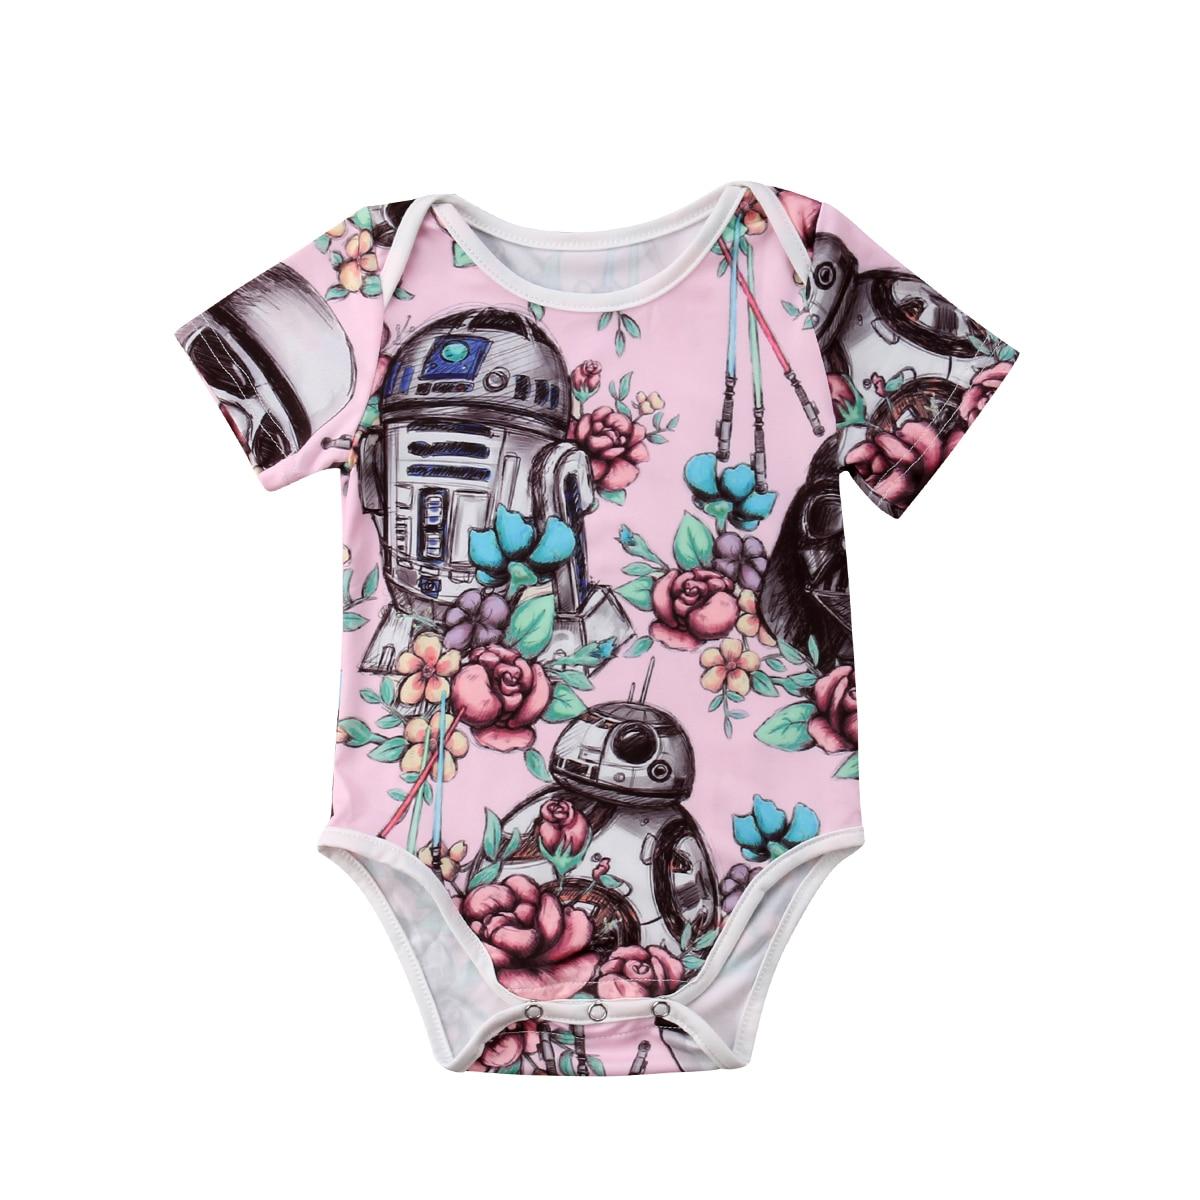 Baby Strampler Kinder Kurzarm Kleidung Baby Mädchen Strampler Roboter Blume Drucken Baumwolle Overall Neugeborenen Strampler Baby Kleidung Jungen